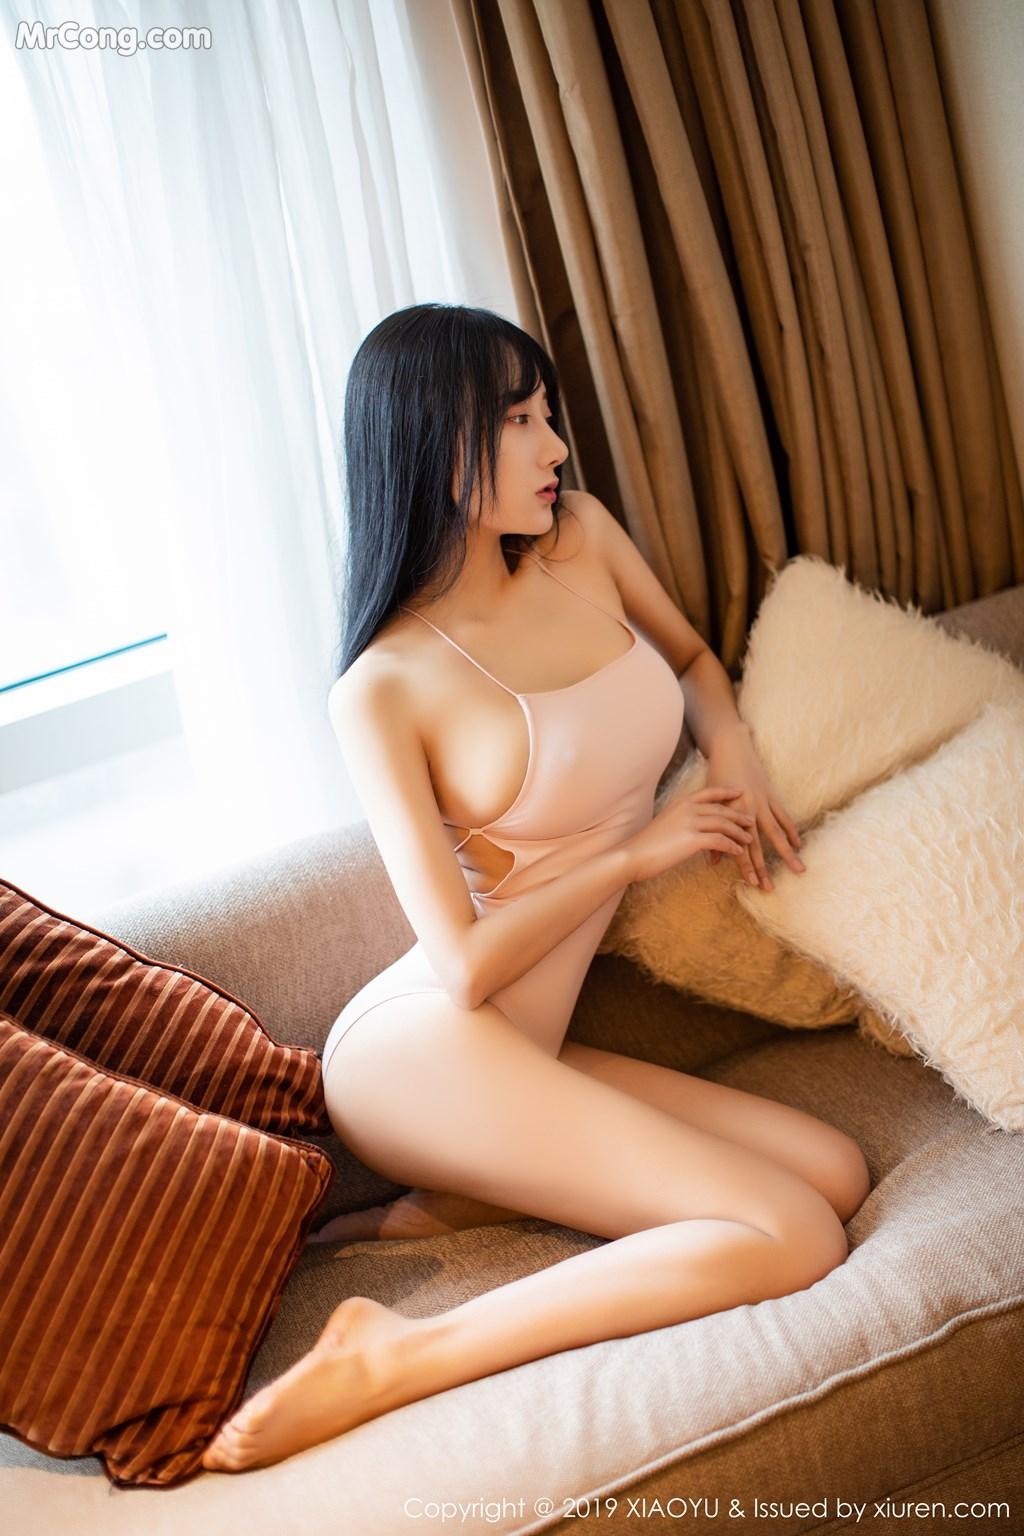 Image XiaoYu-Vol.097-He-Jia-Ying-MrCong.com-004 in post XiaoYu Vol.097: He Jia Ying (何嘉颖) (67 ảnh)